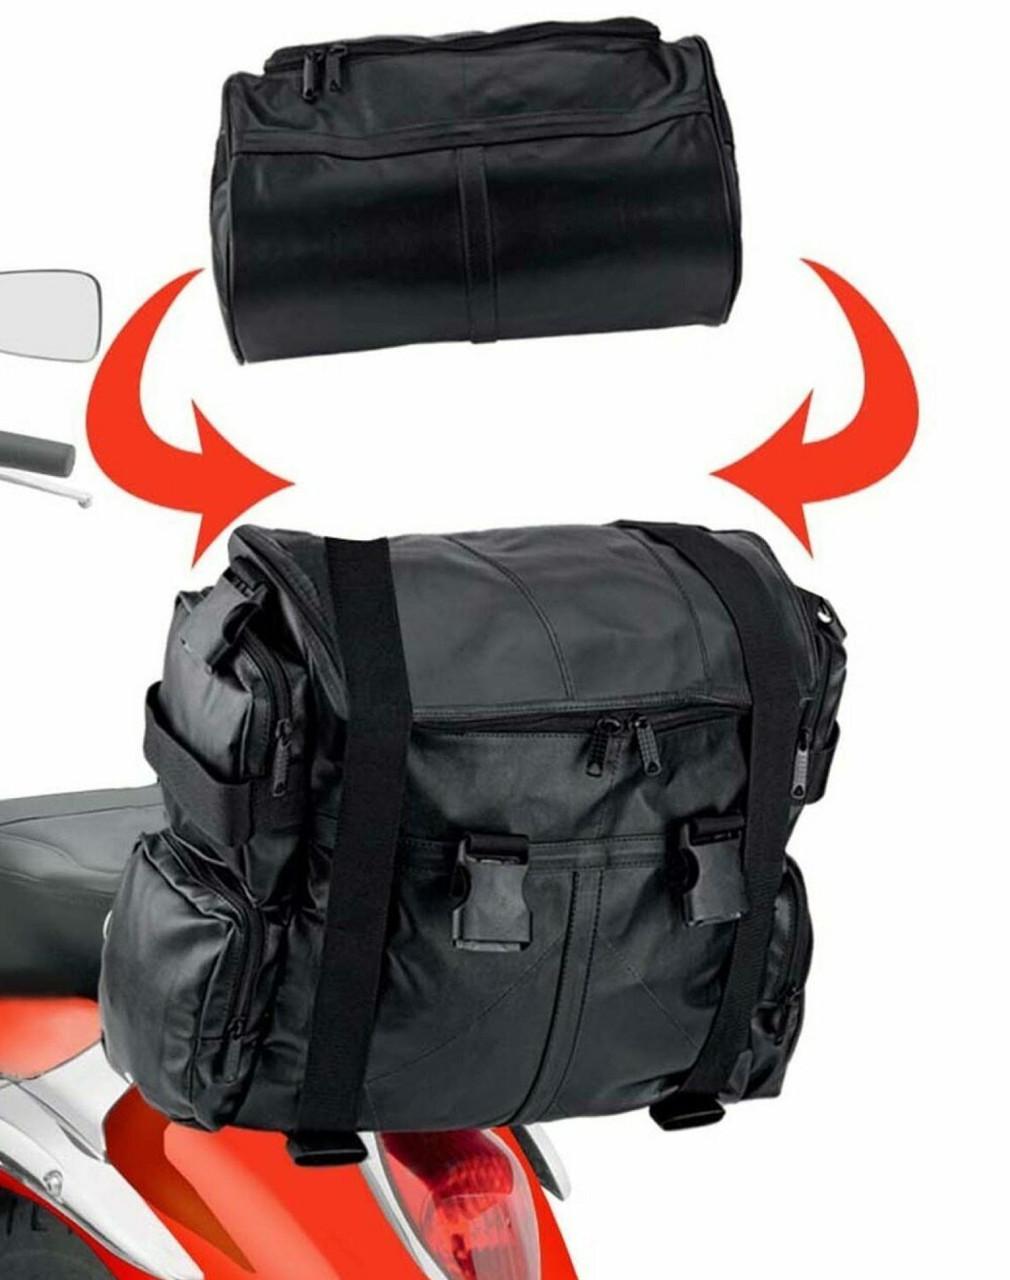 Suzuki Viking Aero Medium Motorcycle Tail Bag Roll Bag